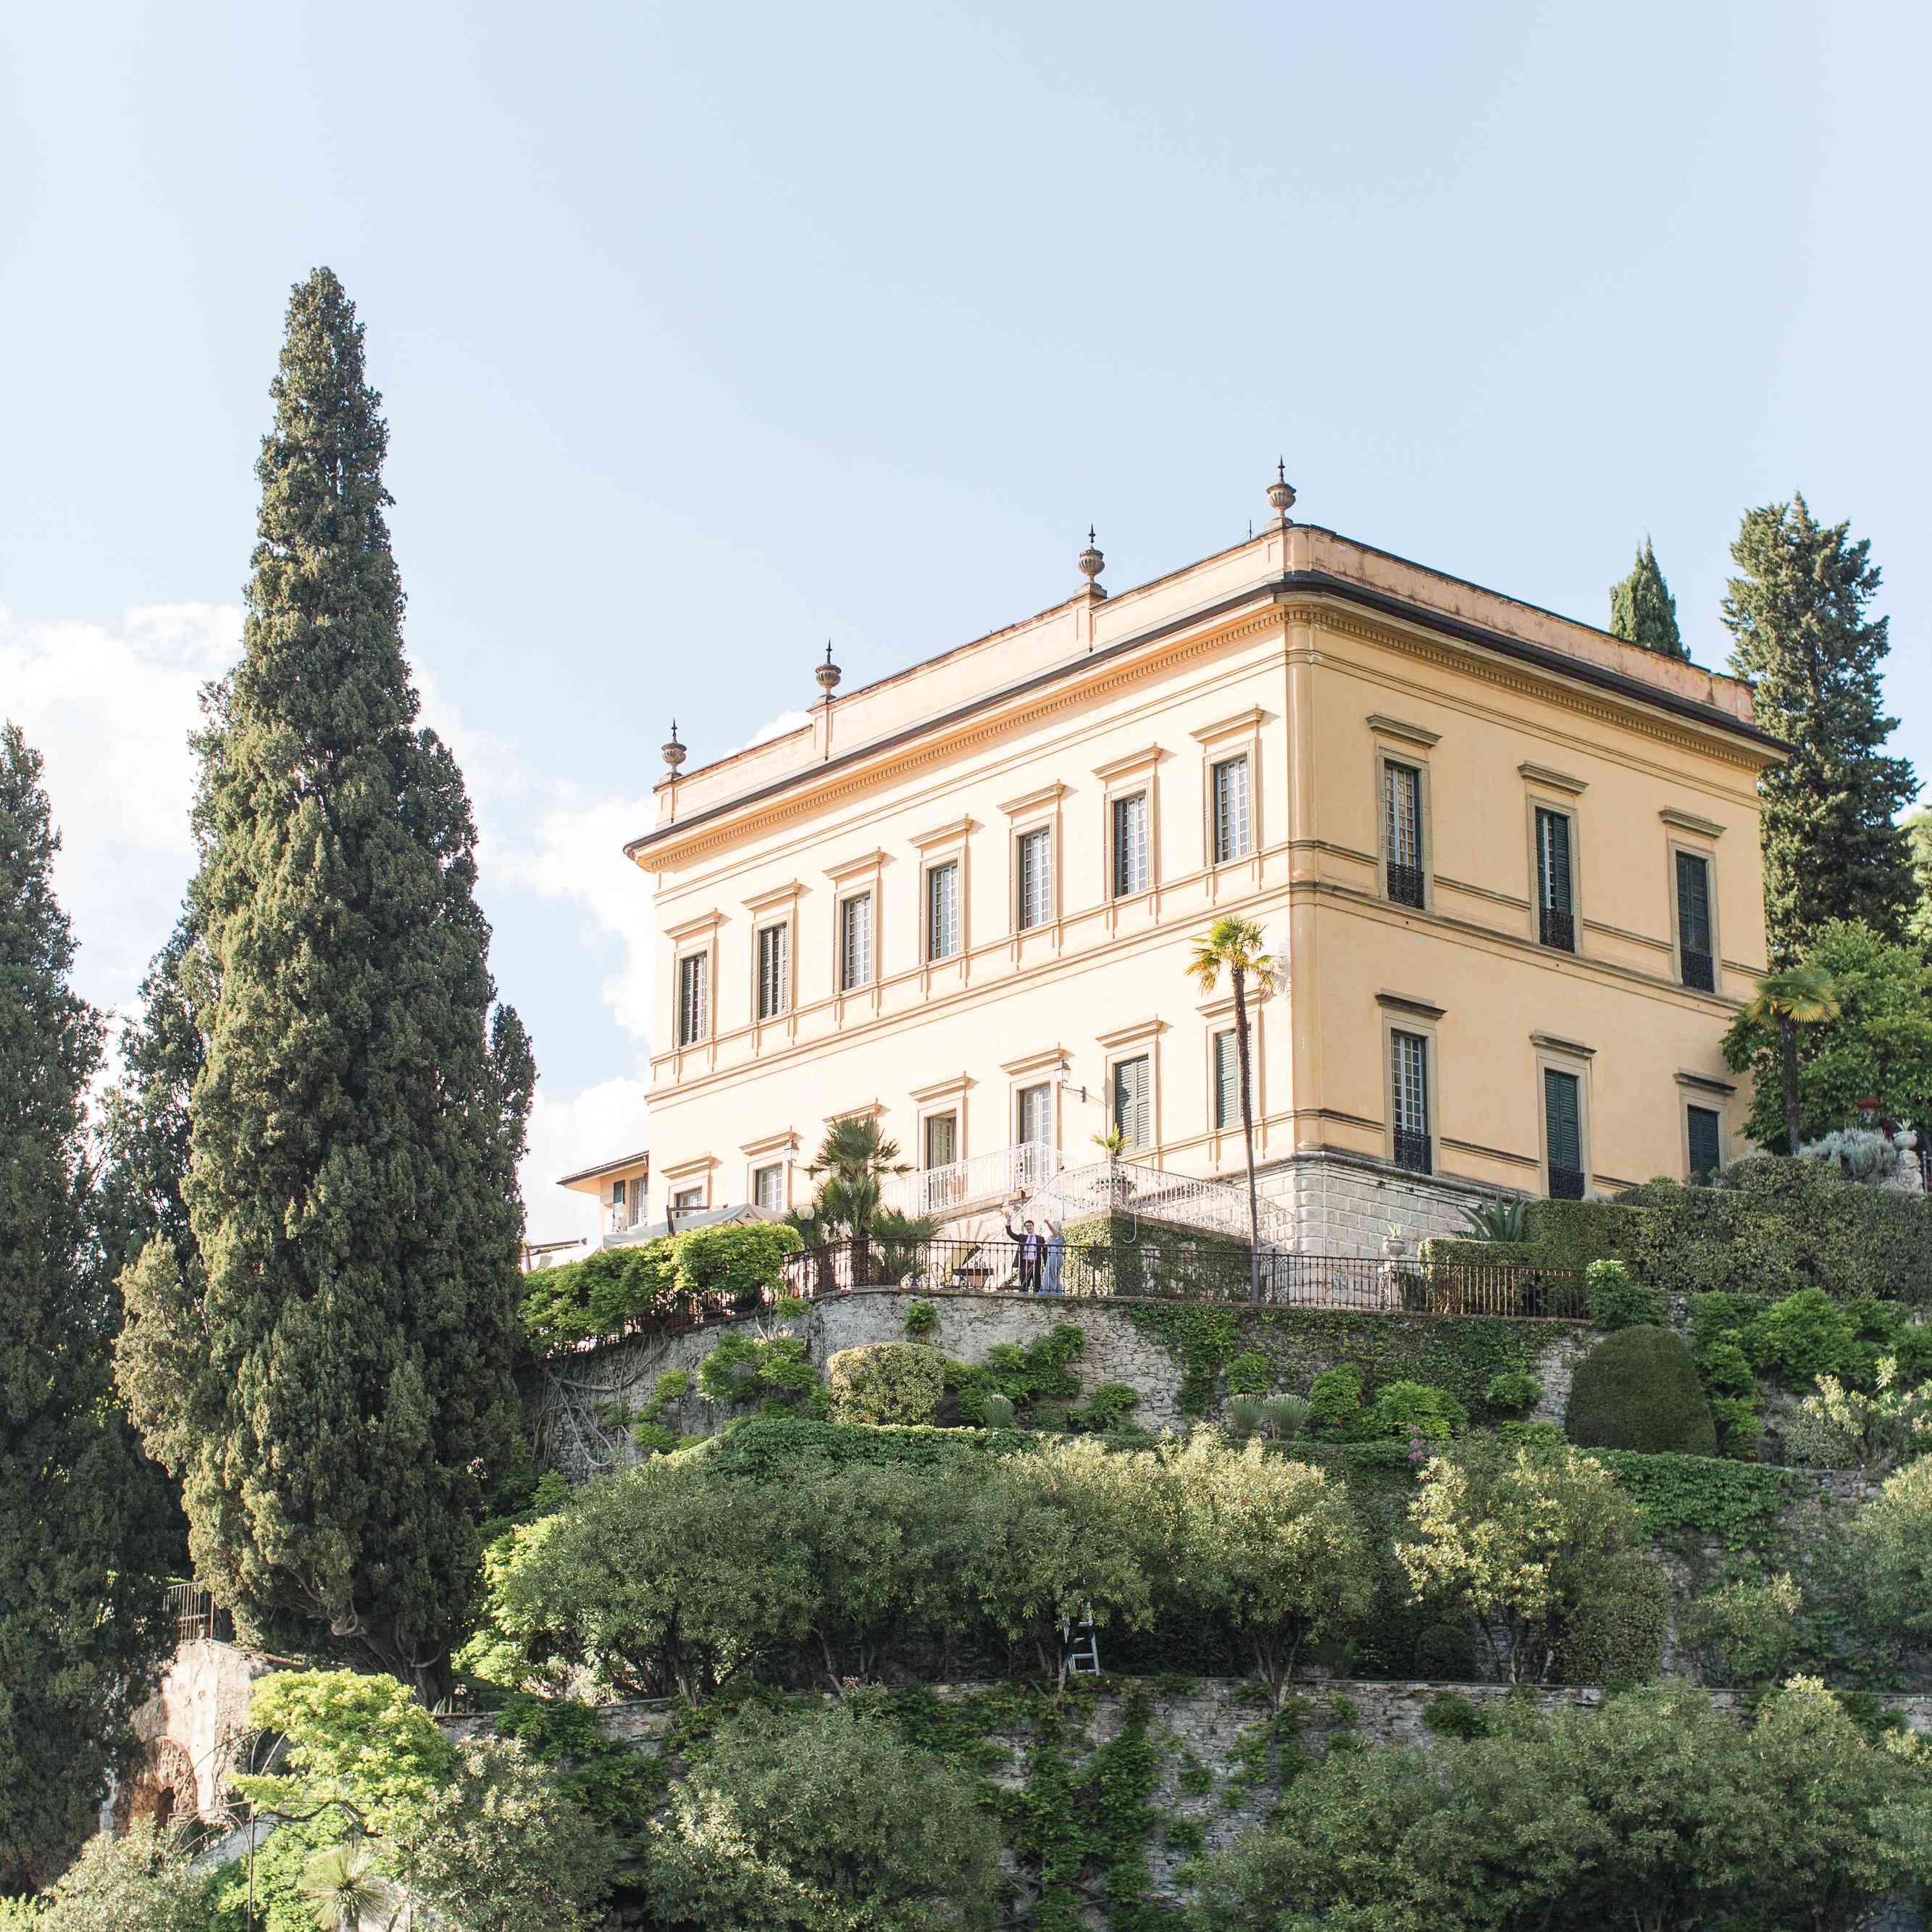 <p>Building in Lake Como</p><br><br>